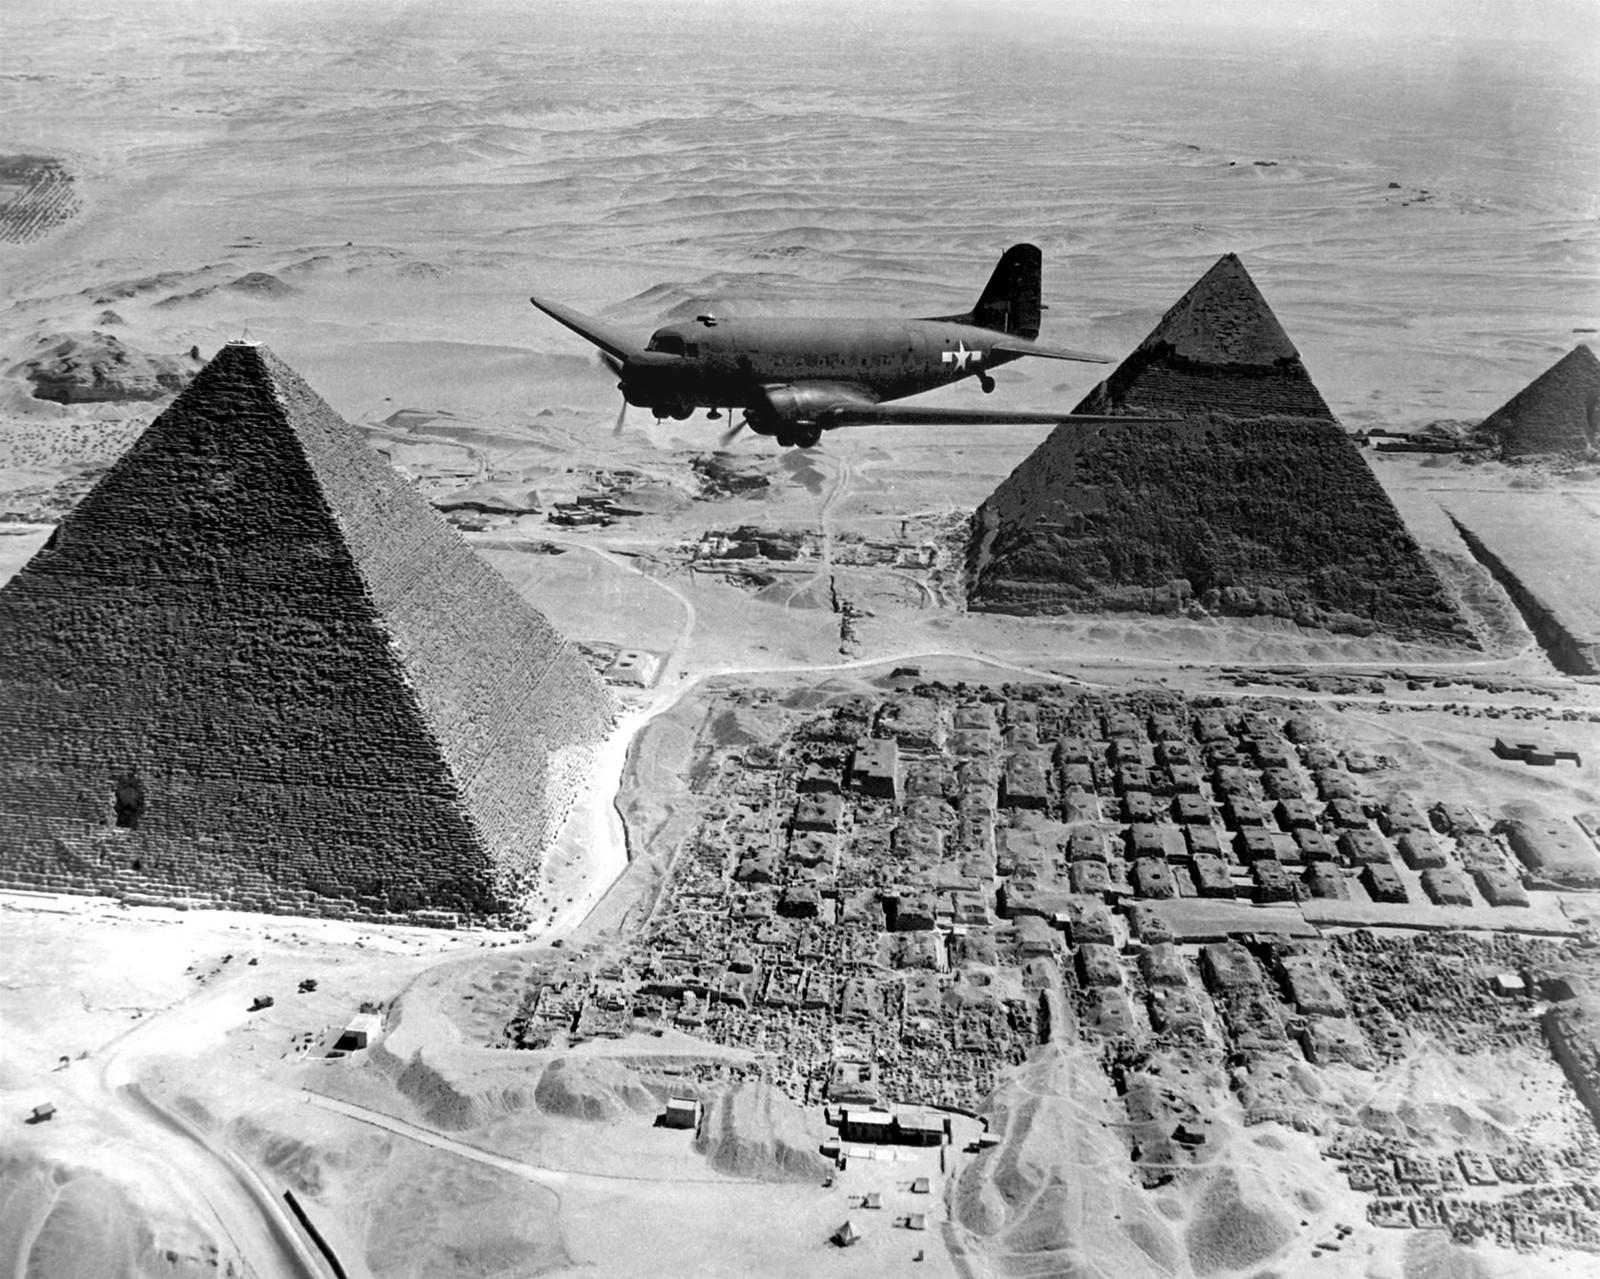 Sobrevolando las pirámides de Egipto.